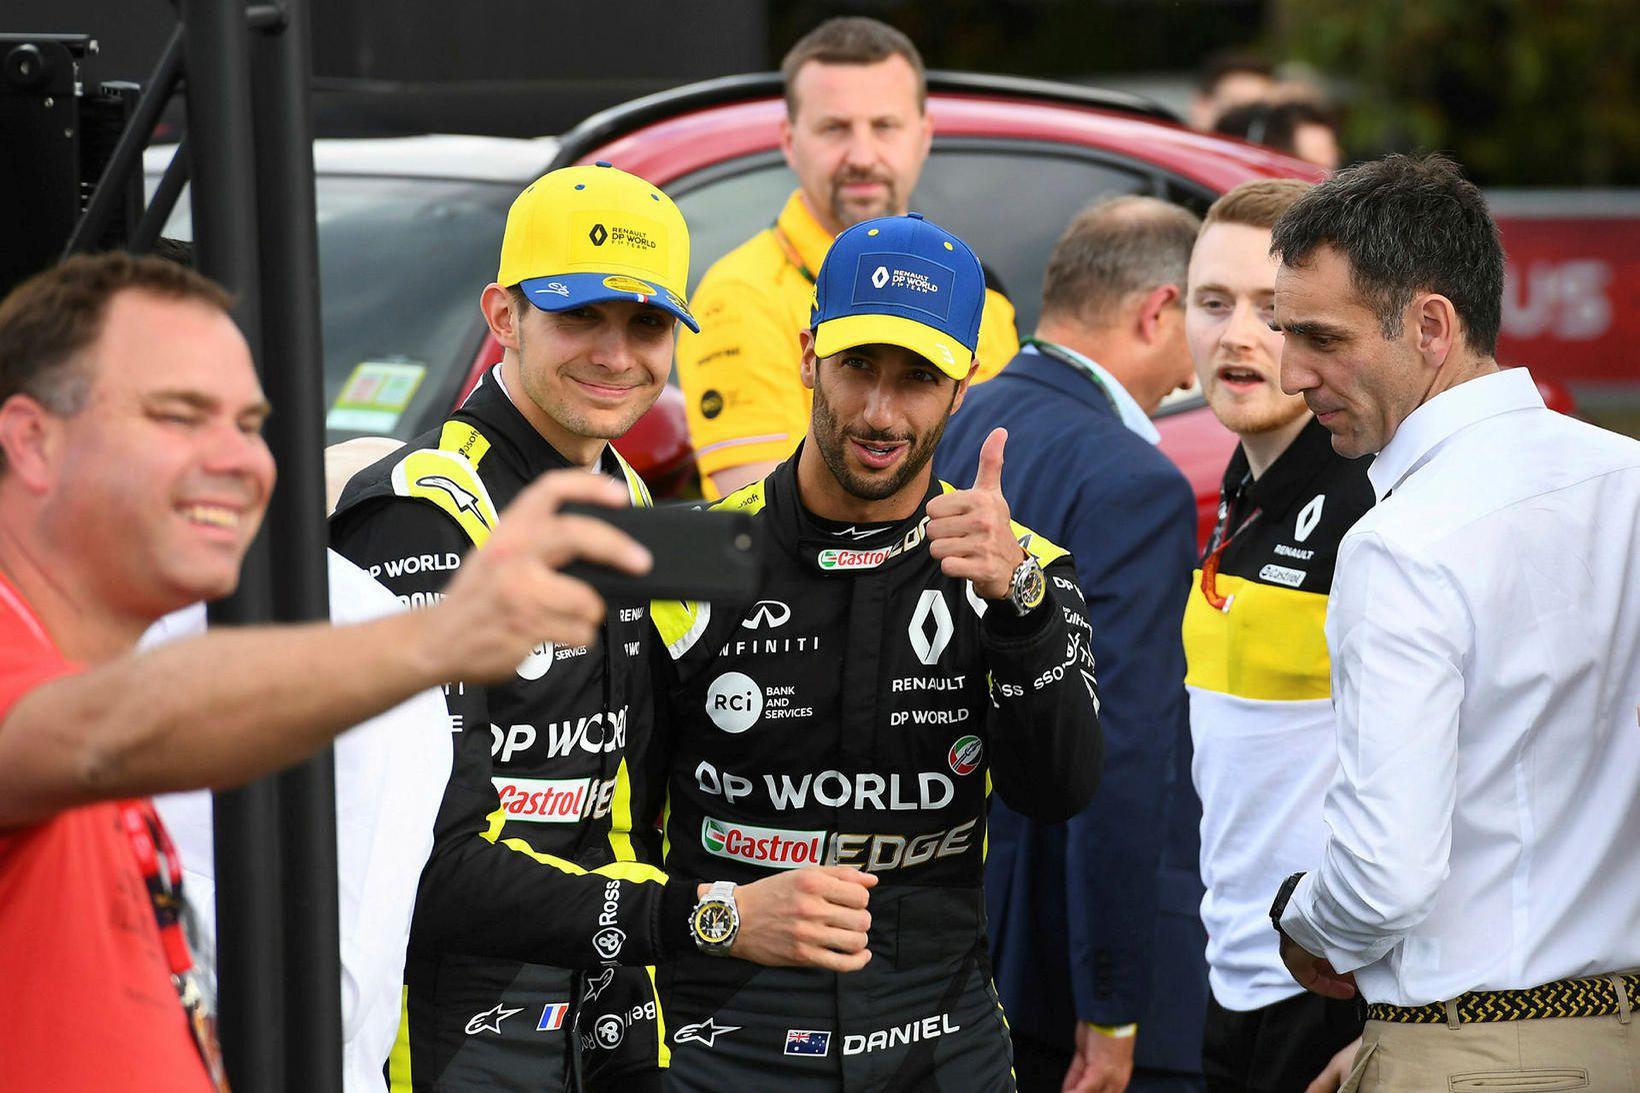 Daniel Ricciardo (með bláa húfu) og Esteban Ocon (með gula …